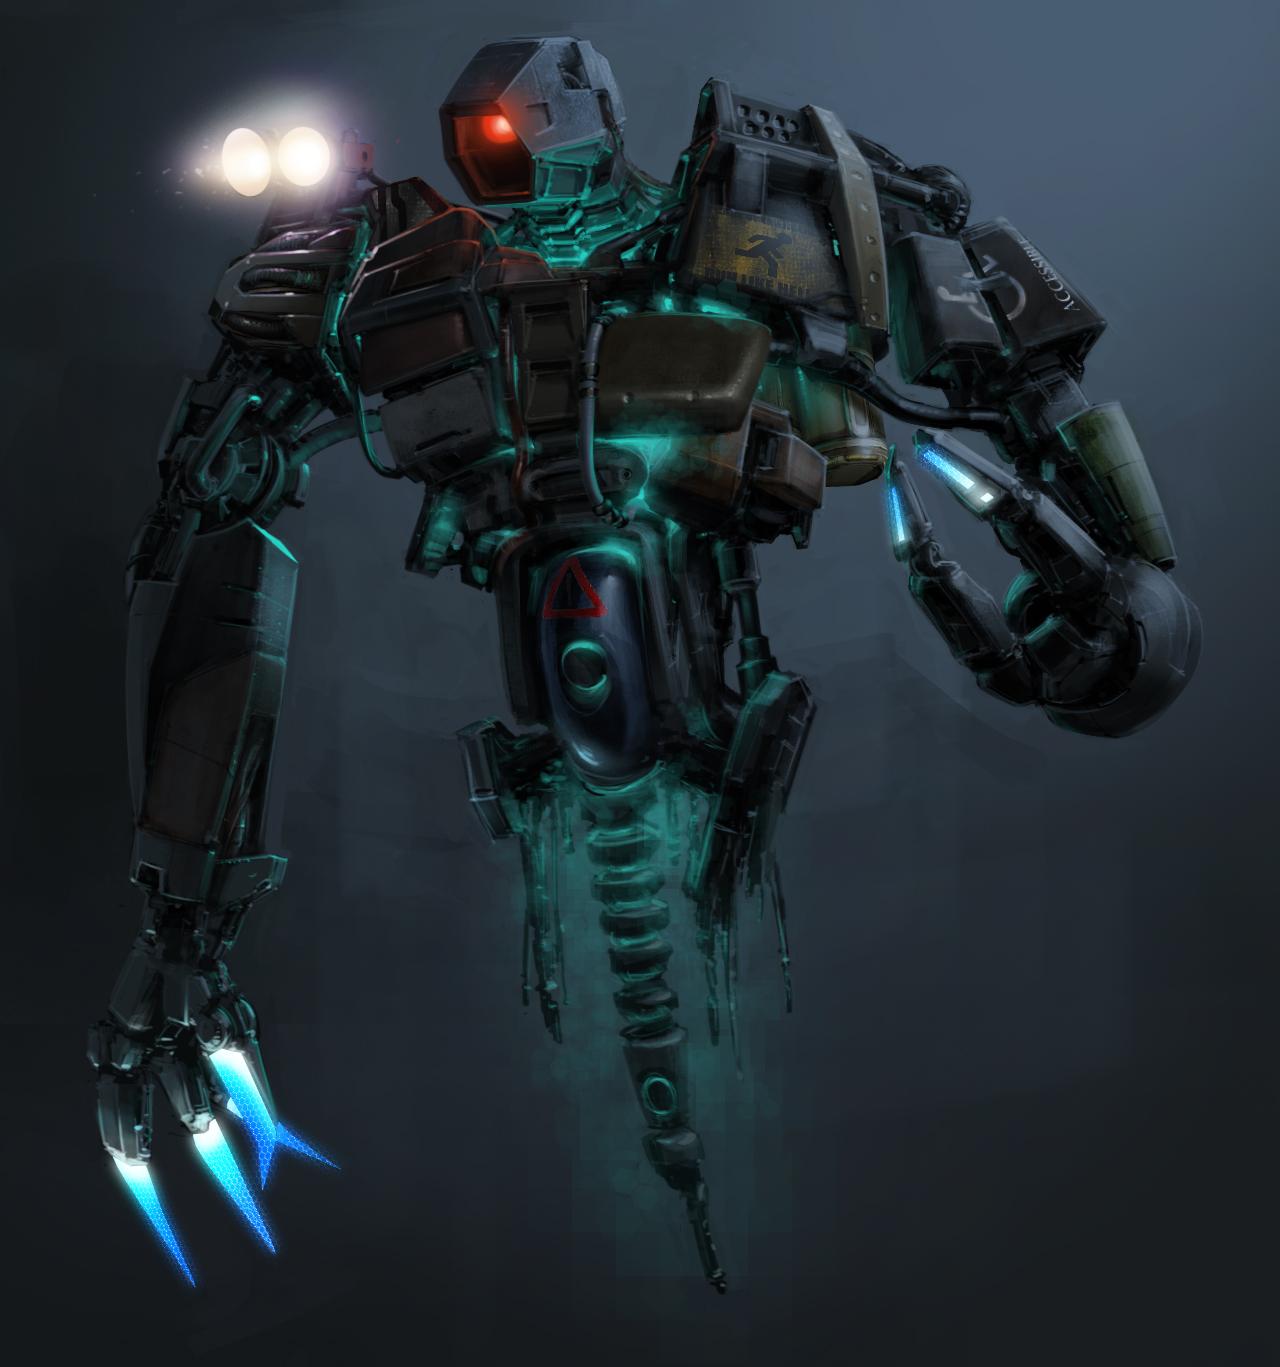 「メクロマンサー」が呼び出すロボット。発売から2~3カ月後に実装だという